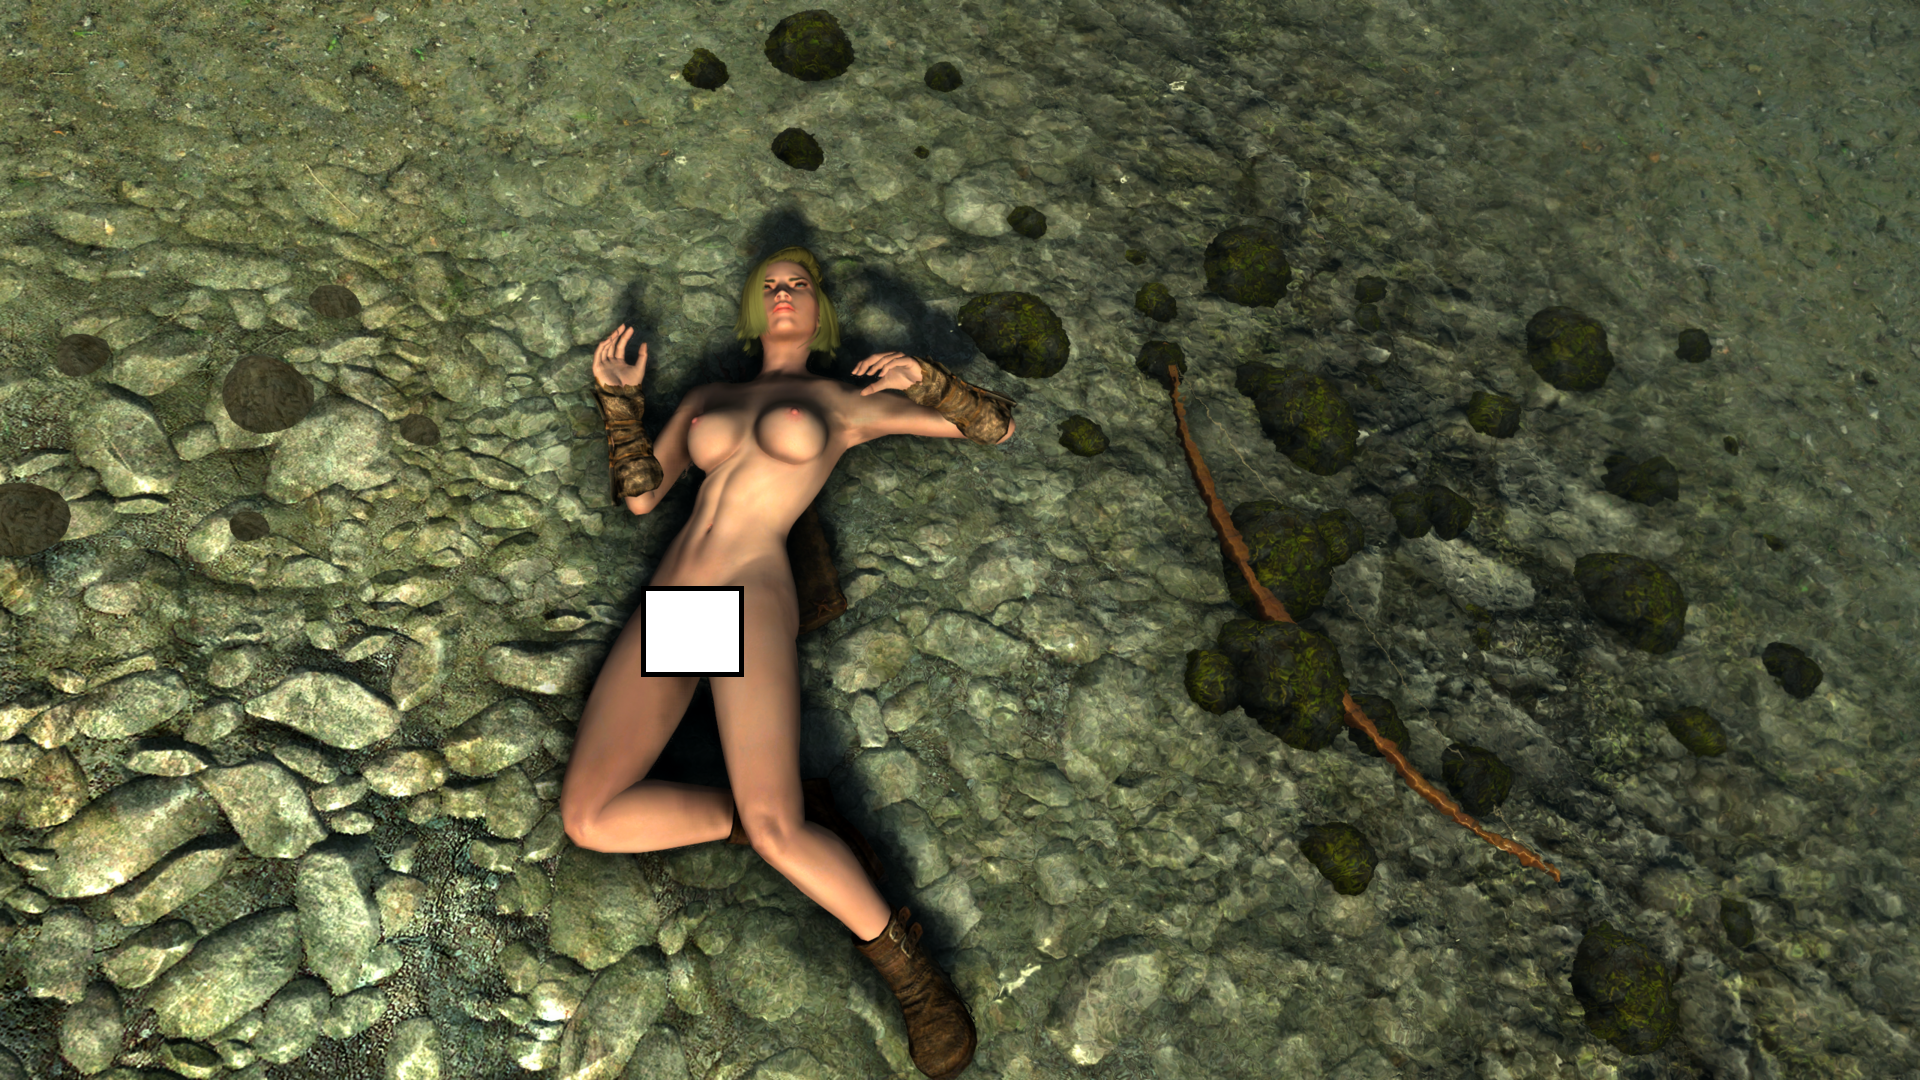 Бандитка. На пляже. Загорает типа))